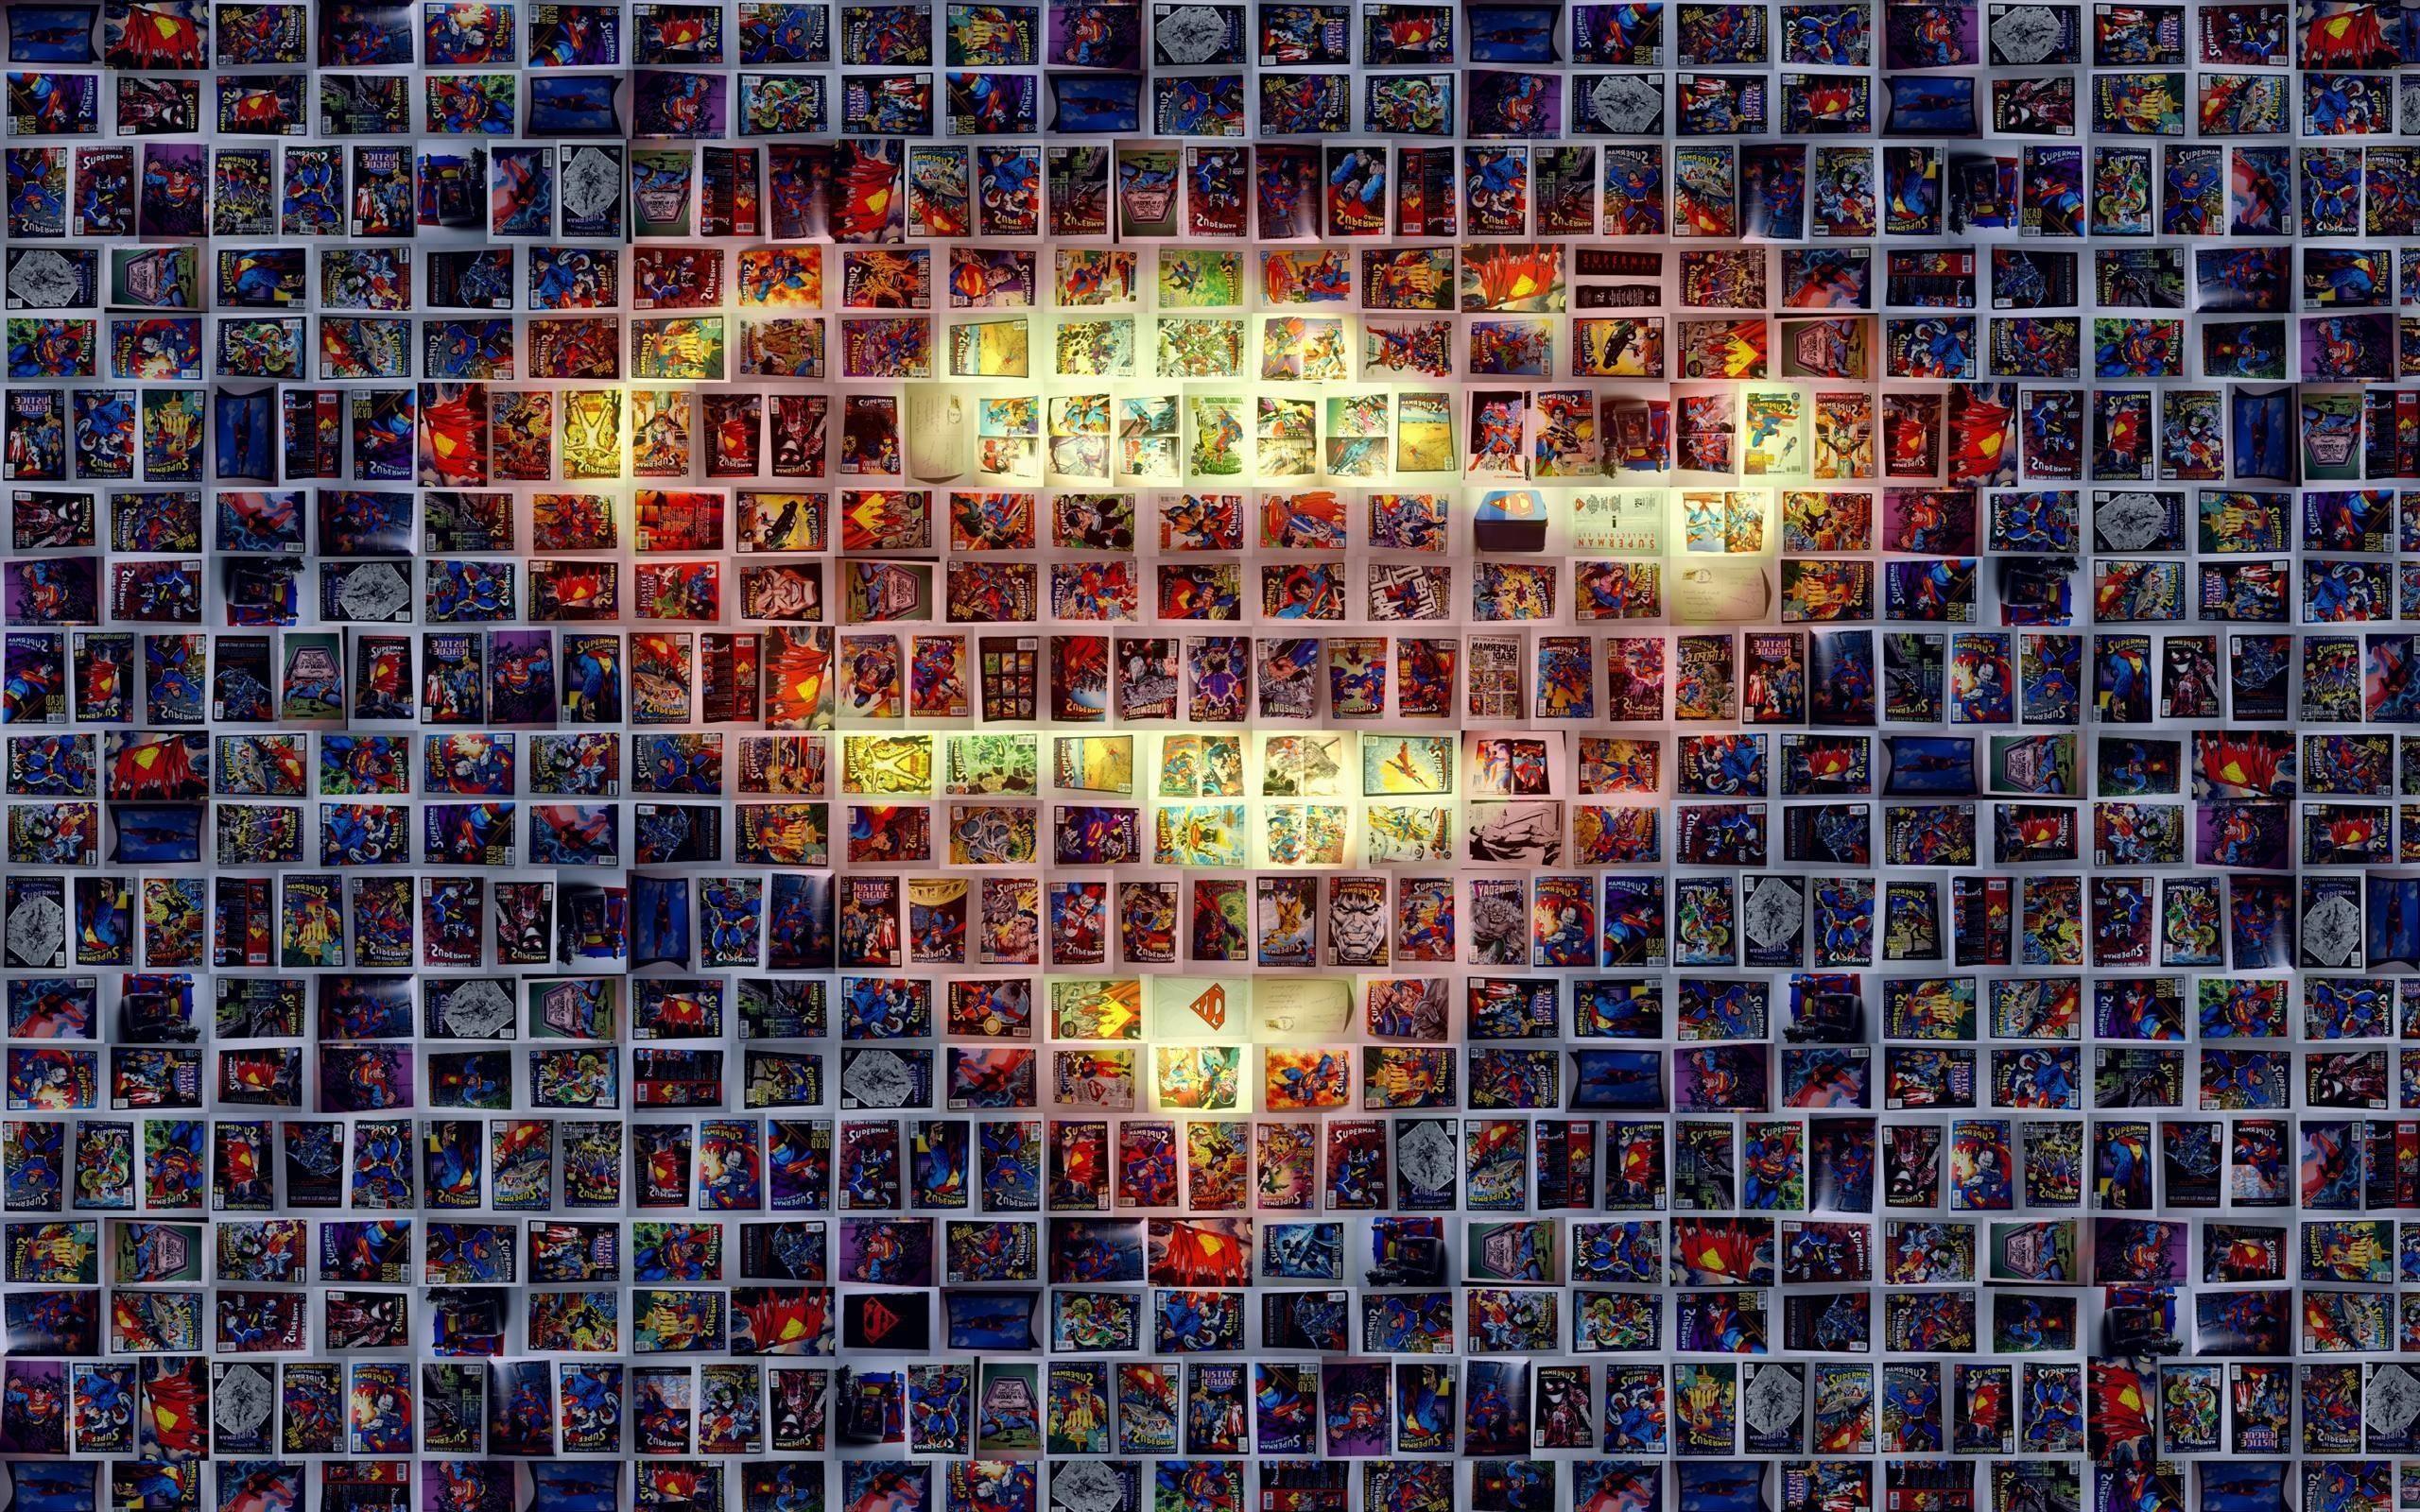 Res: 2560x1600, cartoons superman wallpaper 41 1080p hd - HDwallshare.com